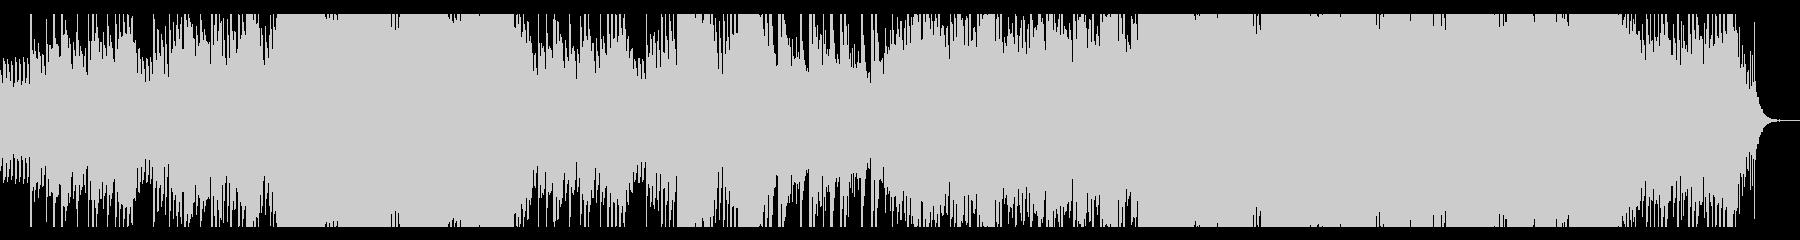 ダークファンタジー調の和風音楽の未再生の波形